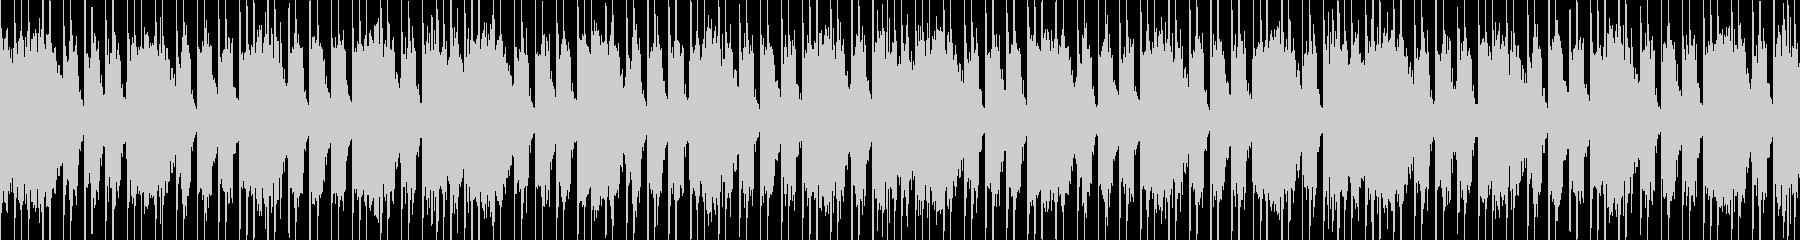 コアメタル風のヘヴィーLOOP BGMの未再生の波形